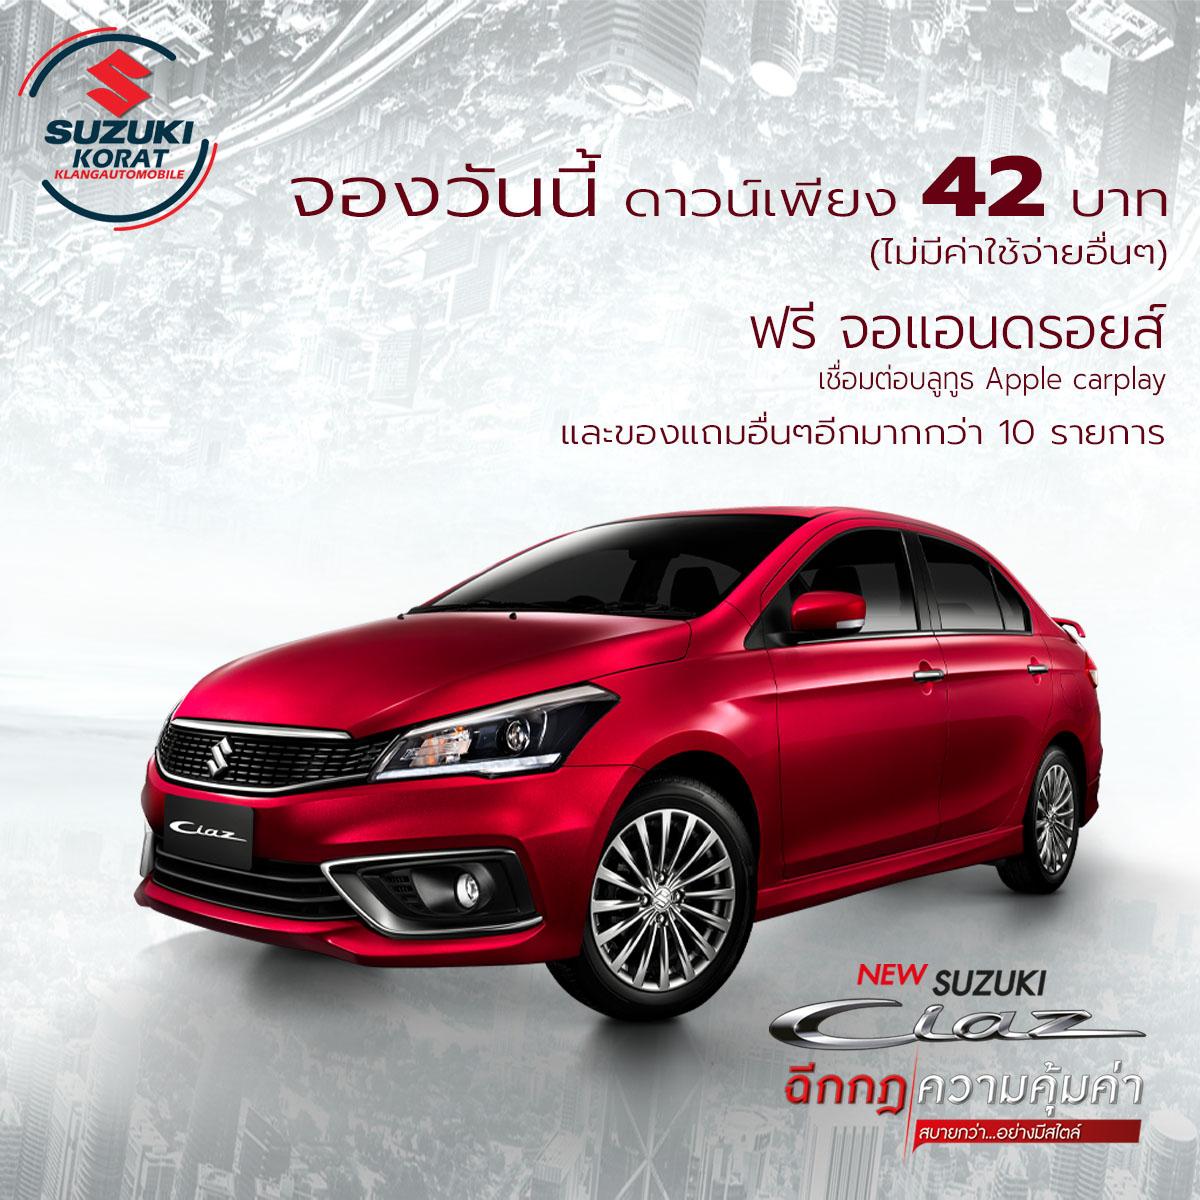 ใหม่!! New Suzuki Ciaz